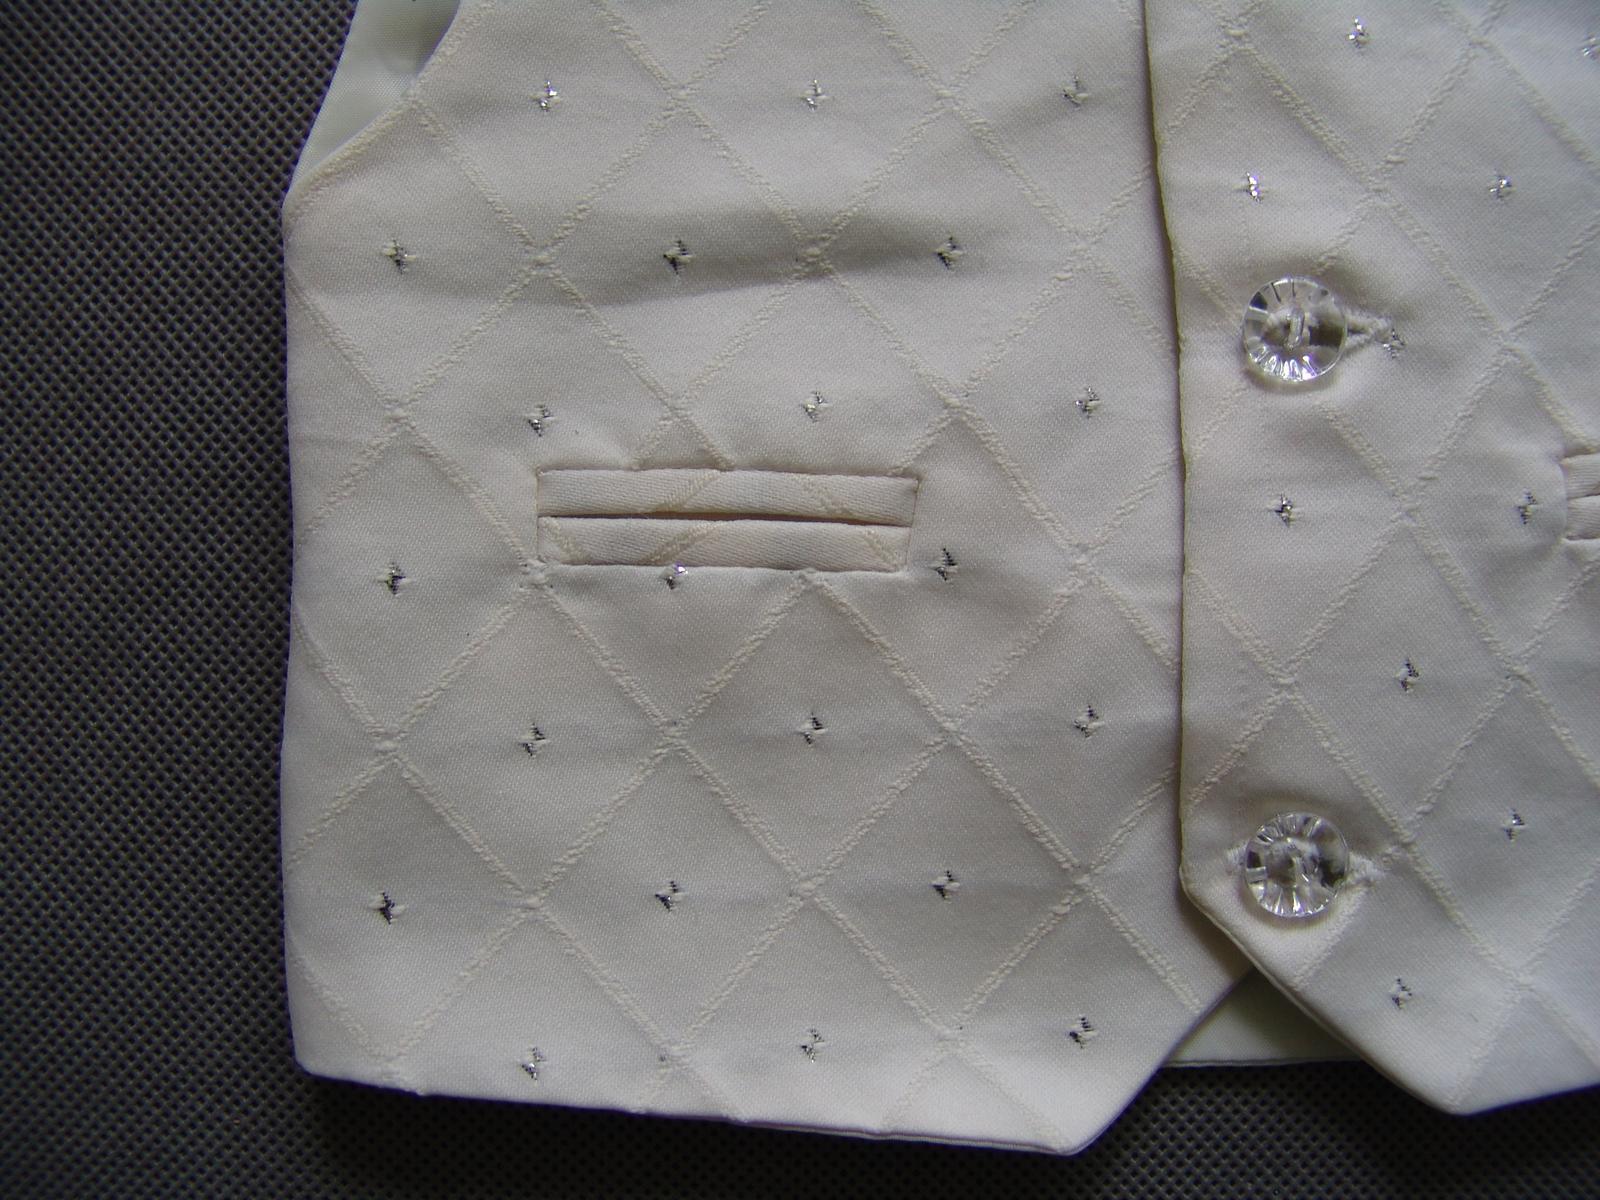 SKLADEM - k zapůjčení ivory oblek, 0-3,9-12, 5 a 6 - Obrázek č. 4